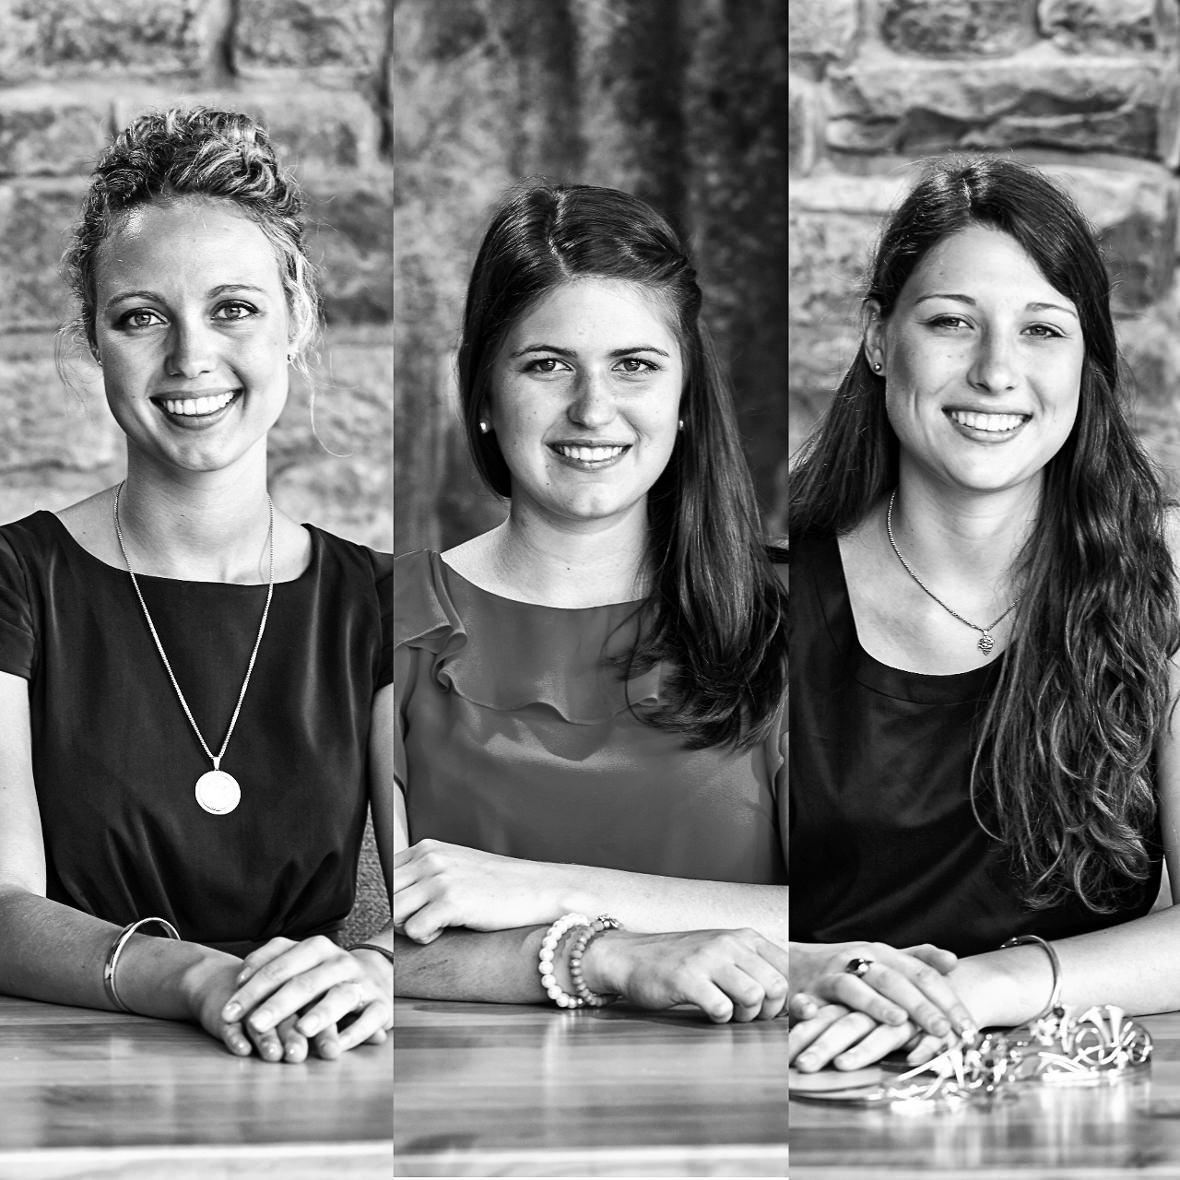 Die Kandidatinnen fuer die Wahl der Naheweinkoenigin 2014-2015